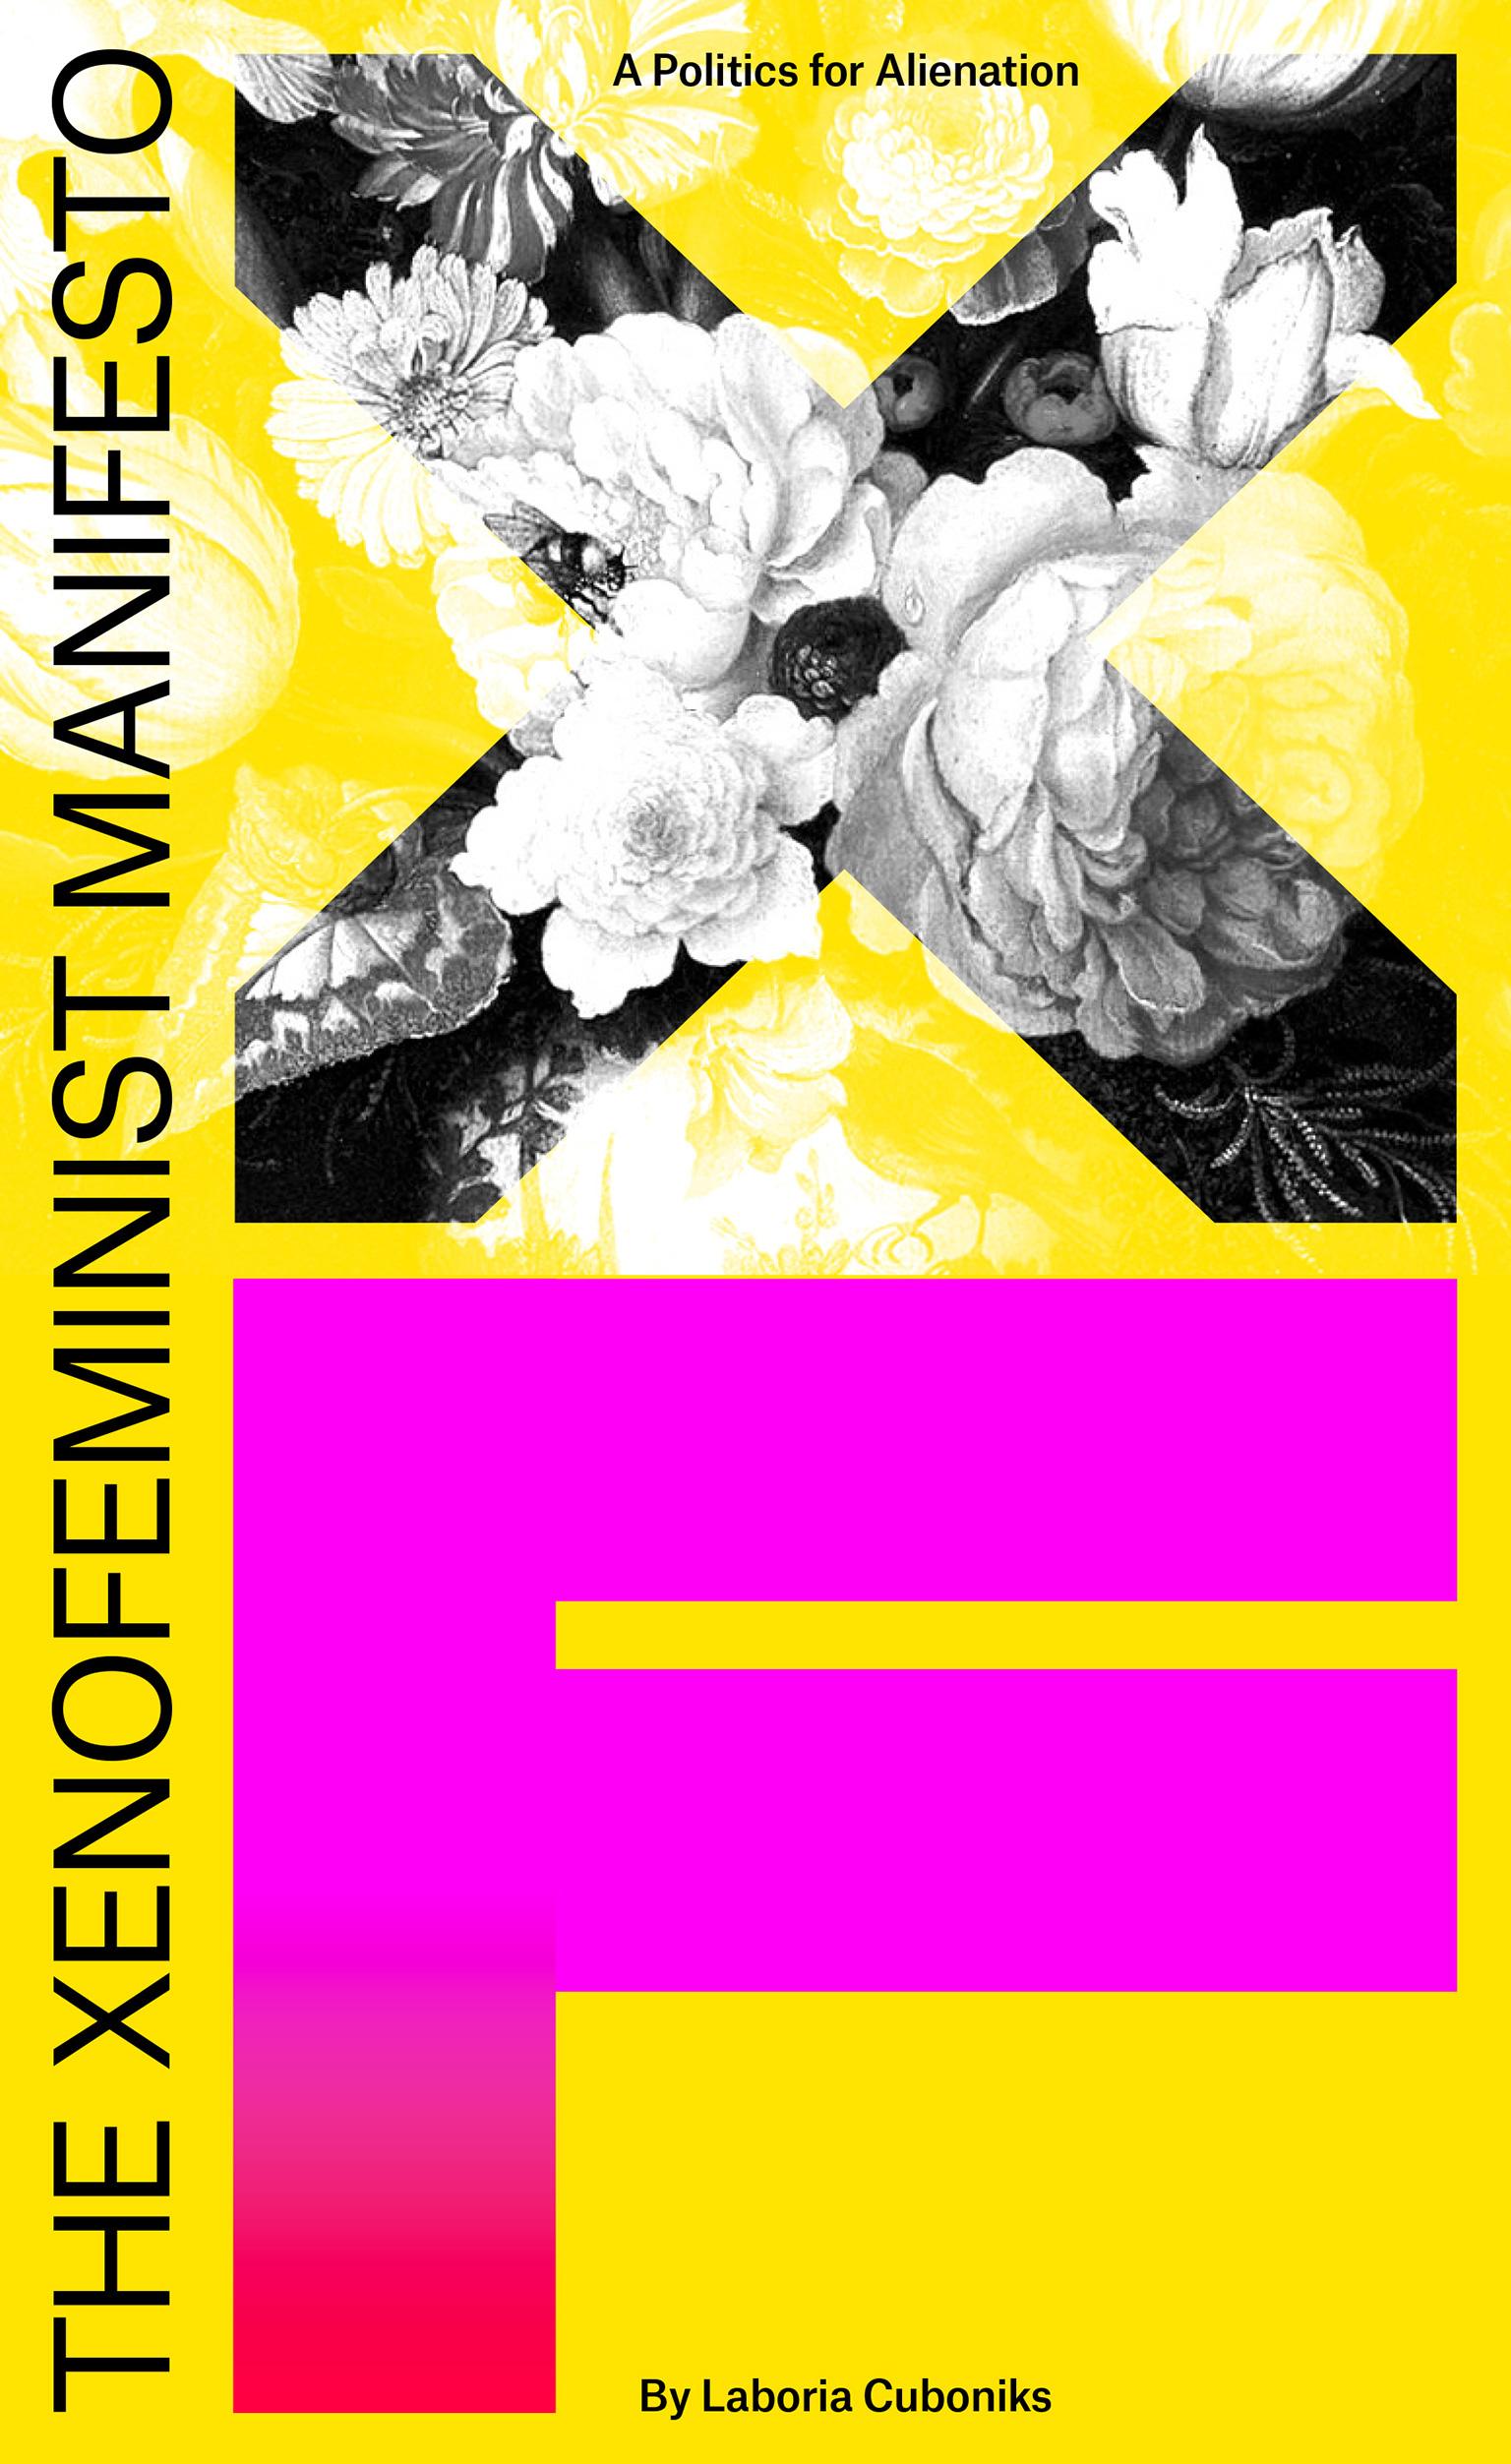 Cuboniks---xenofeminism